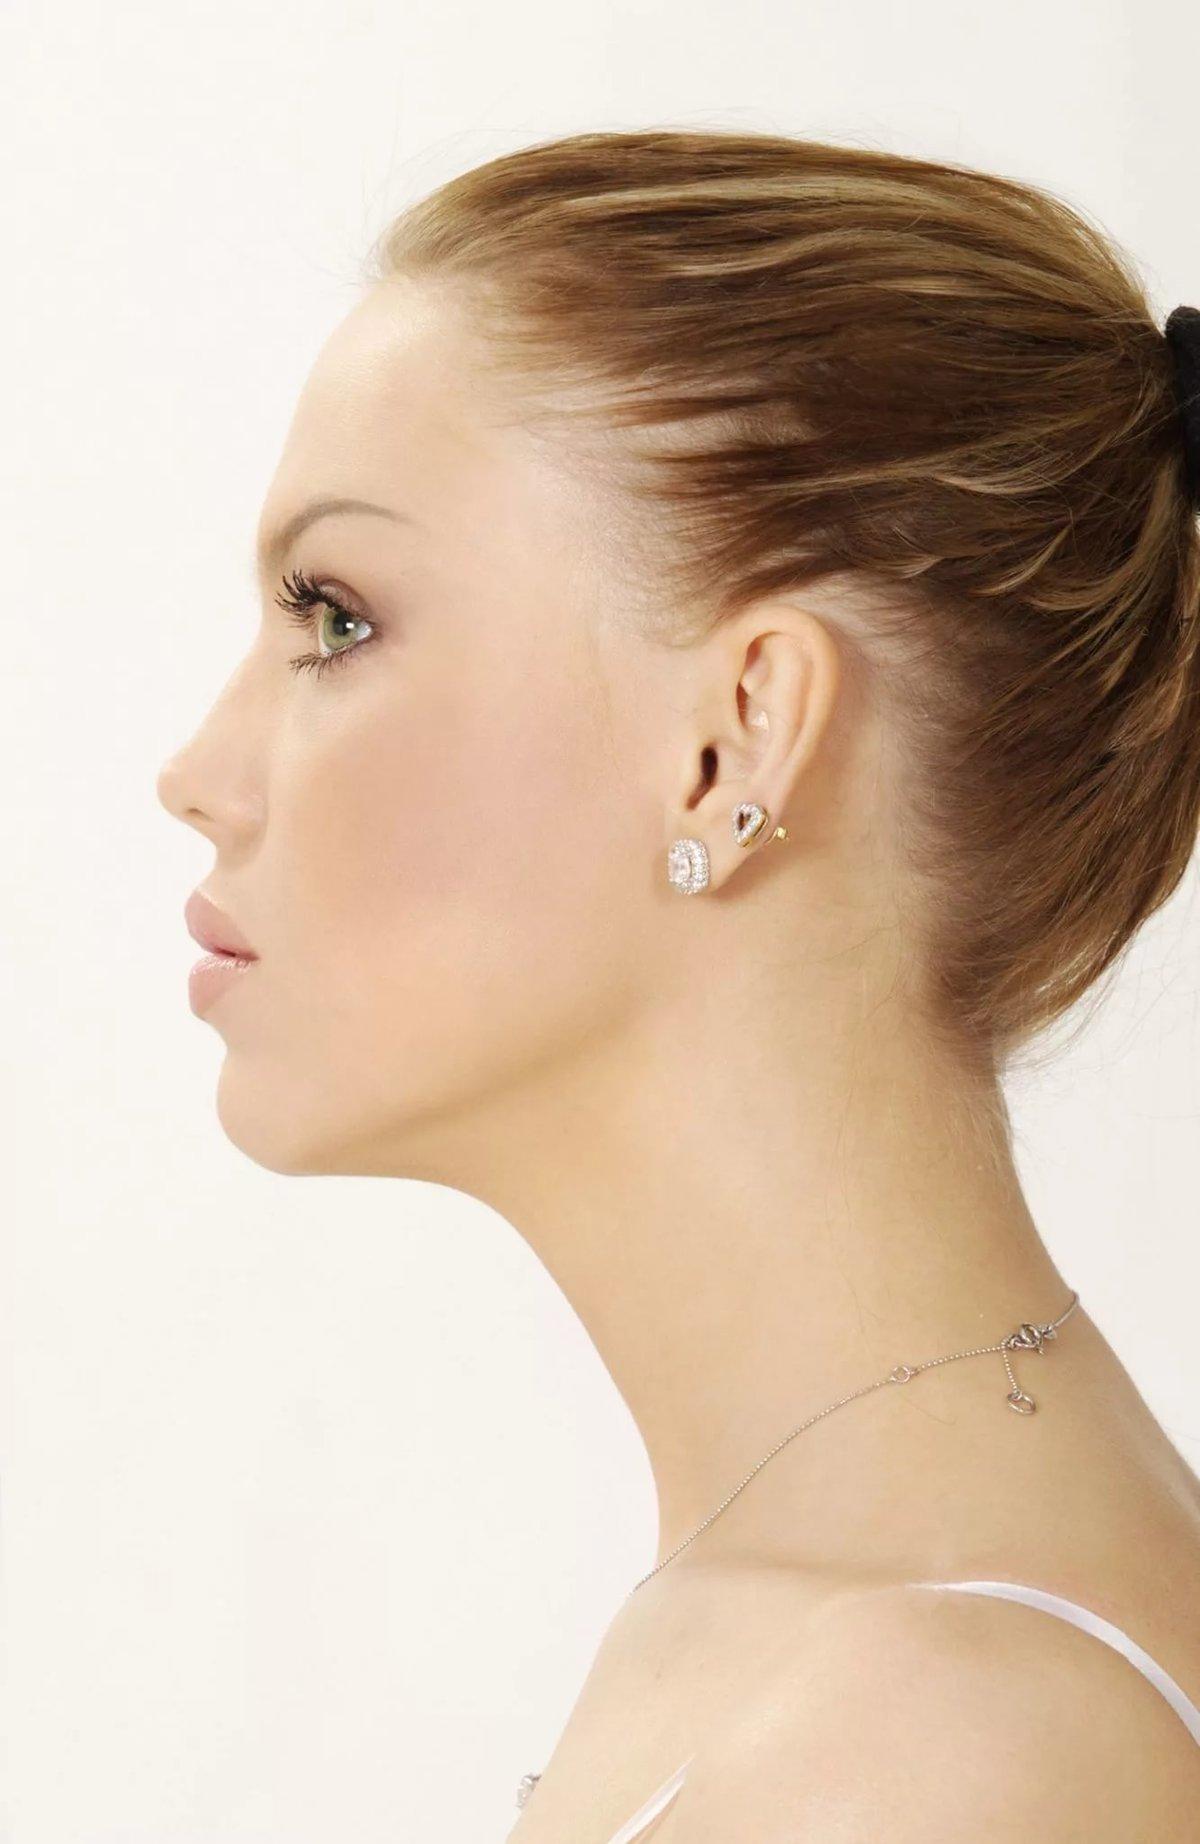 красивый профиль женский фото розовоплодное чудо